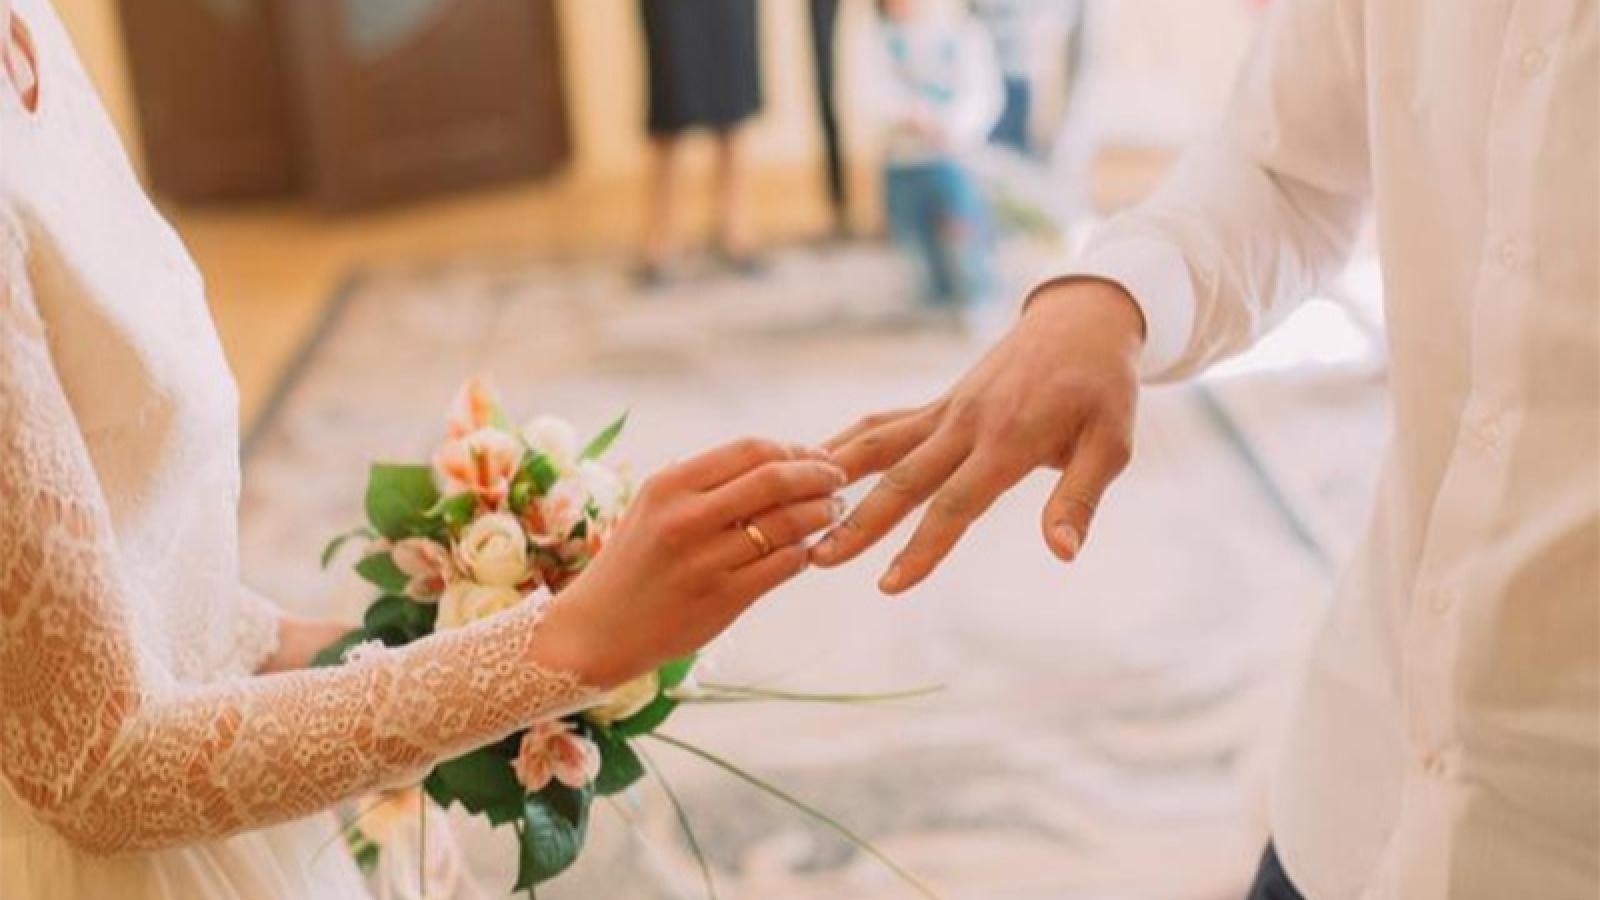 Những điều cần ghi nhớ trước khi bước vào cuộc sống hôn nhân